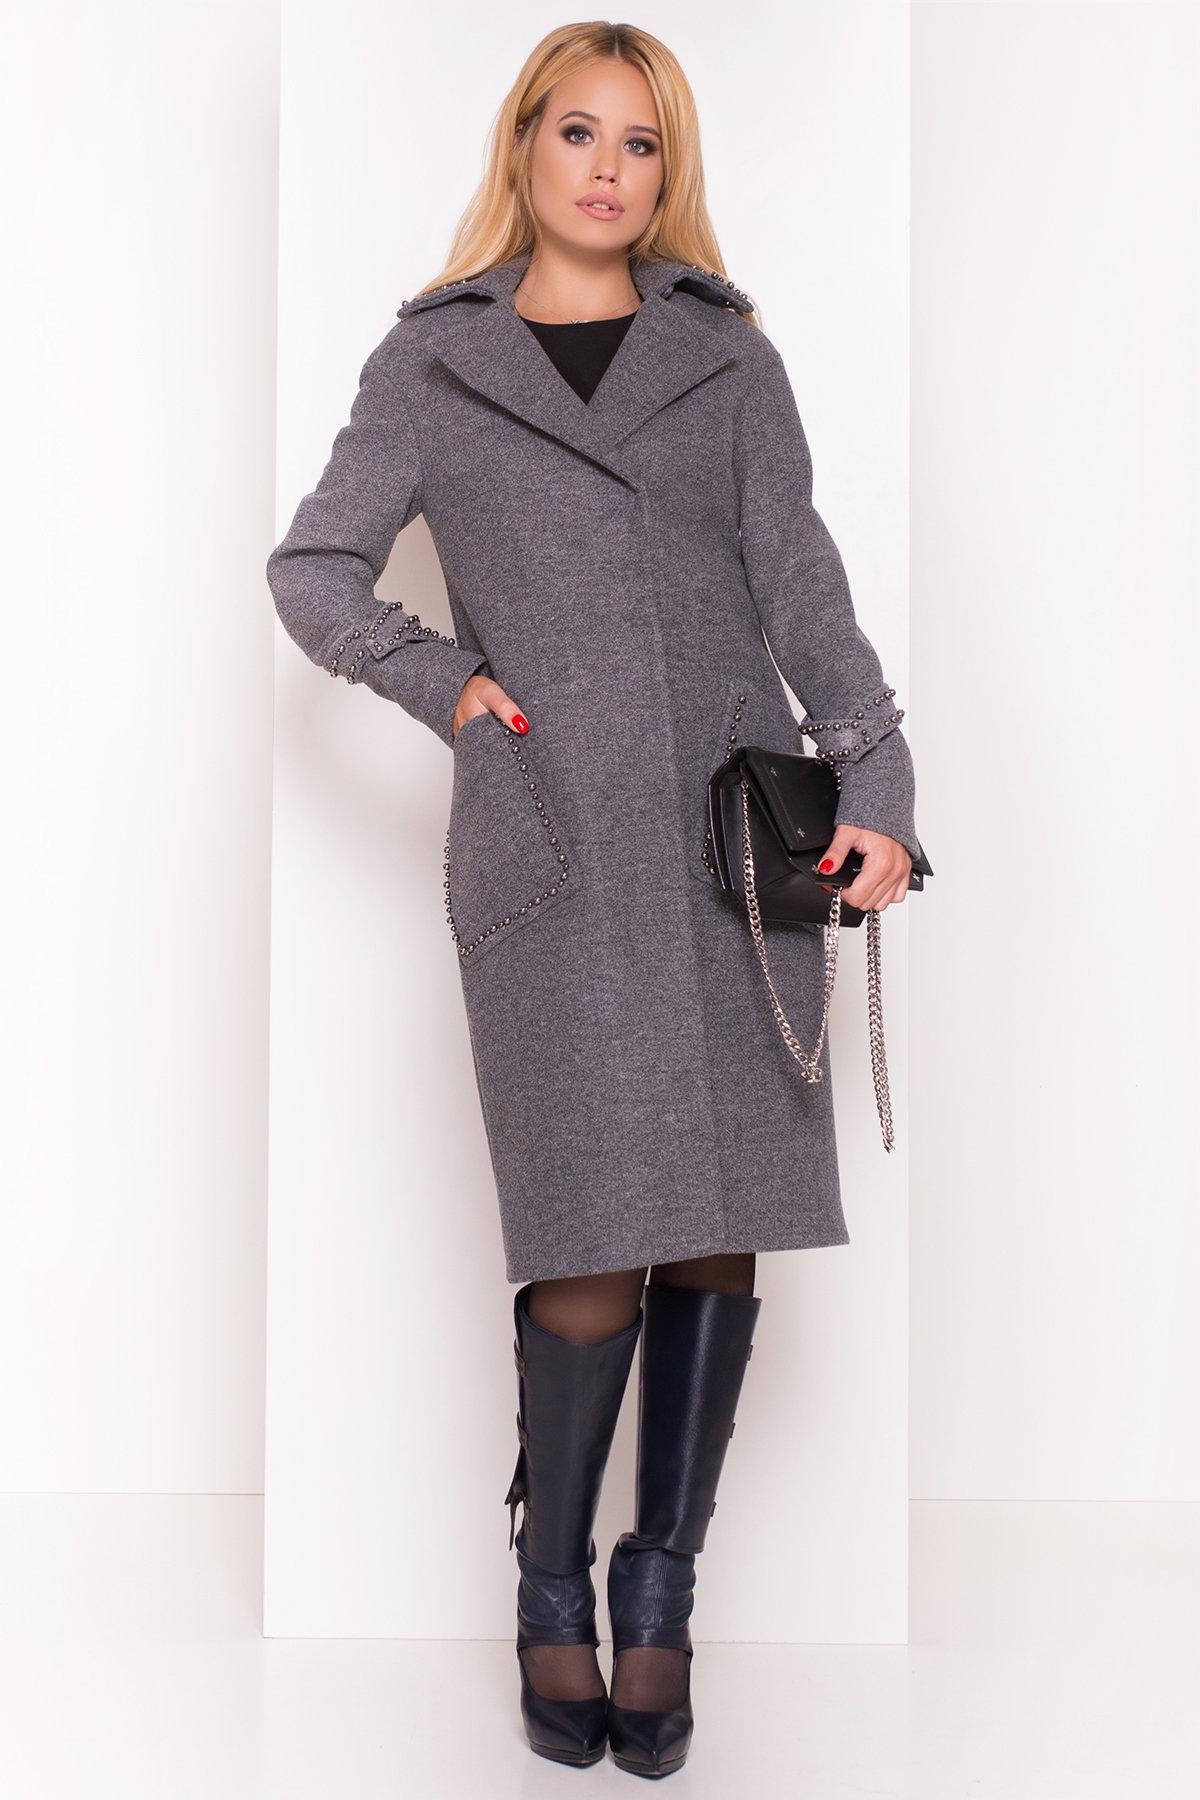 Кашемировое демисезонное пальто с декором Алина 5248 АРТ. 36624 Цвет: Серый Темный - фото 2, интернет магазин tm-modus.ru